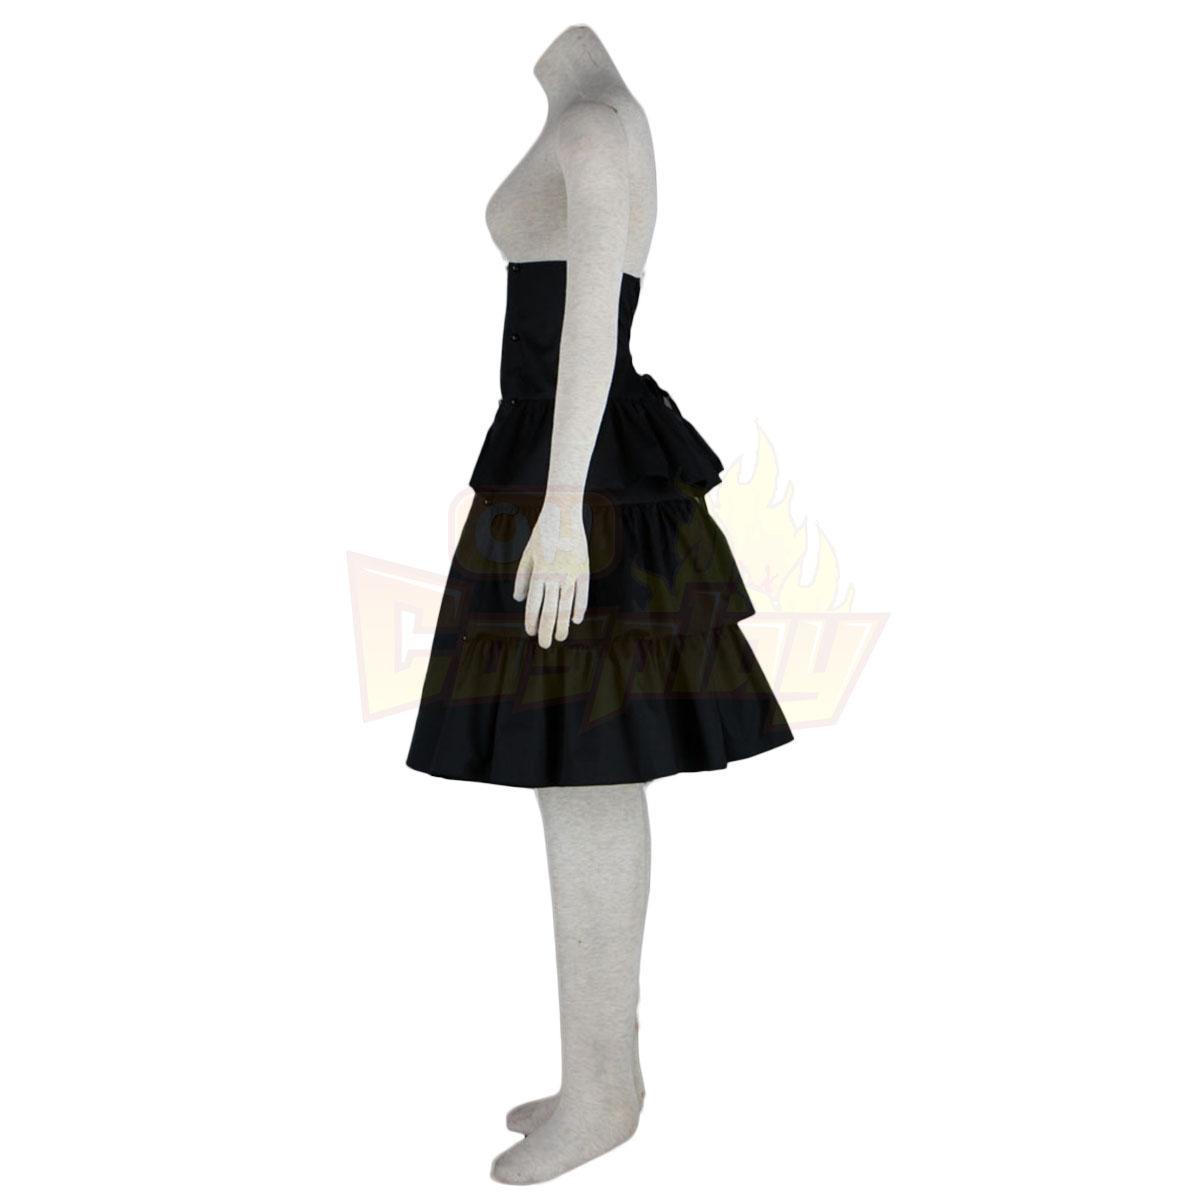 ديلوكس لوليتا الثقافة حزام فساتين نصف للمرأة مجموعات كوزبلاي ازياء